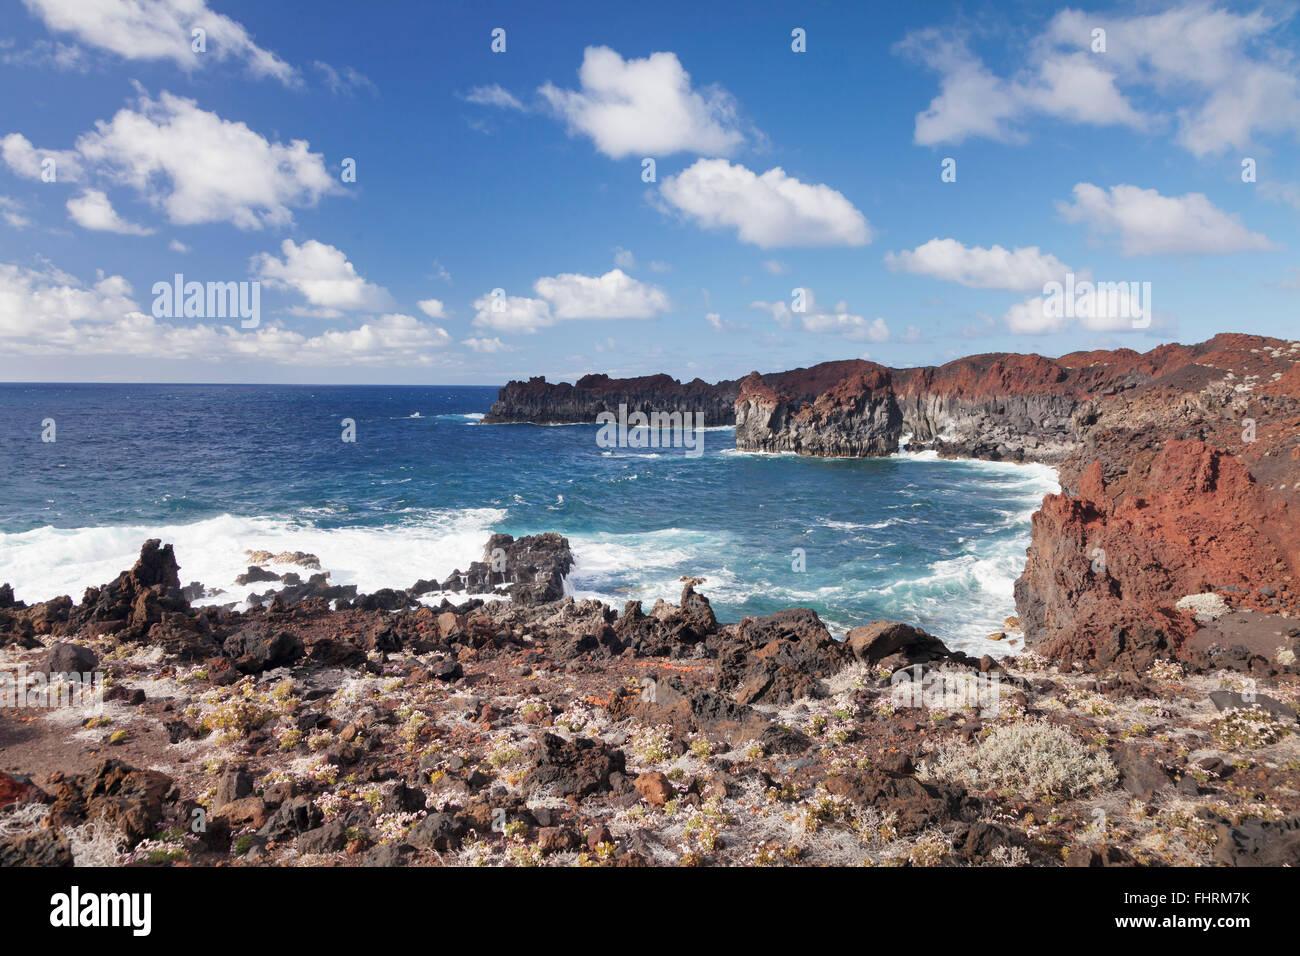 Steep rocky coast, Punta de Gutierrez, El Hierro, Canary Islands, Spain - Stock Image